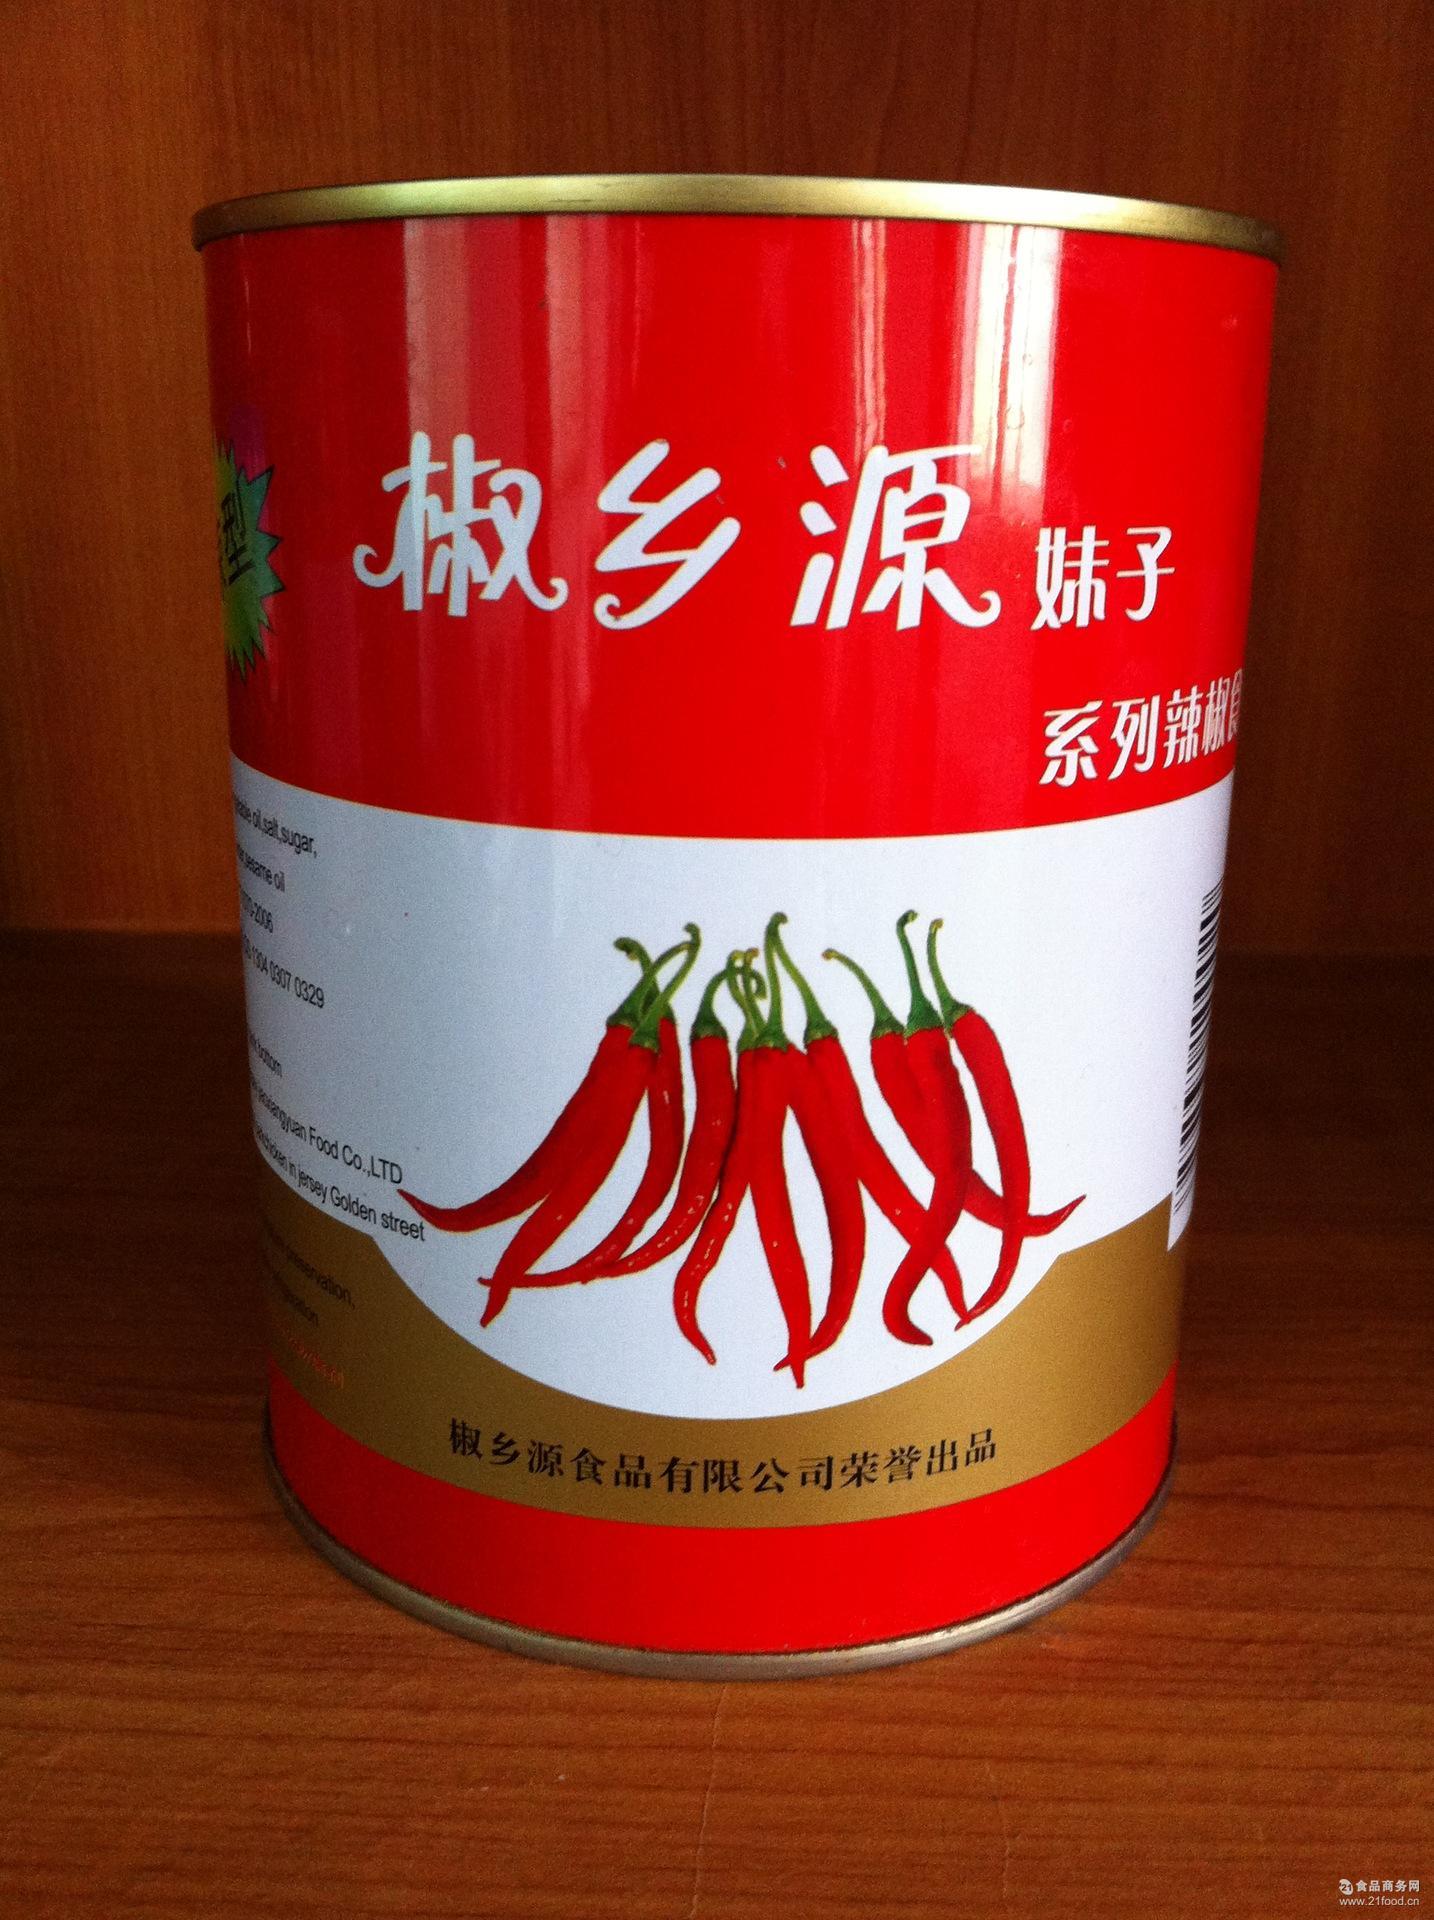 *的设备虎皮,信任的售后服务来食品赢得的完善,鸡泽县椒乡源技术竭诚广式用户鸡爪图片